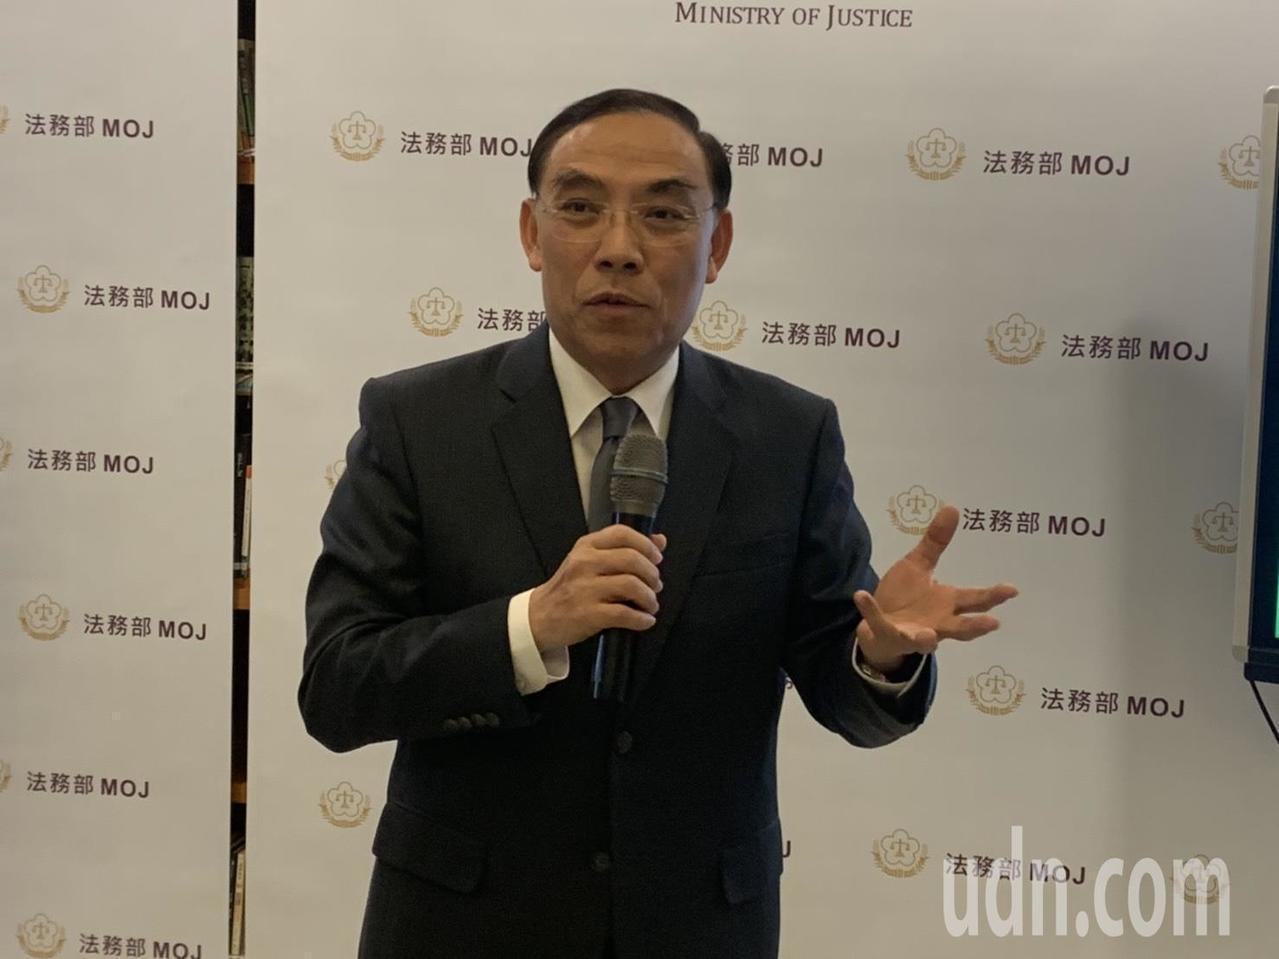 法務部長蔡清祥。本報資料照片